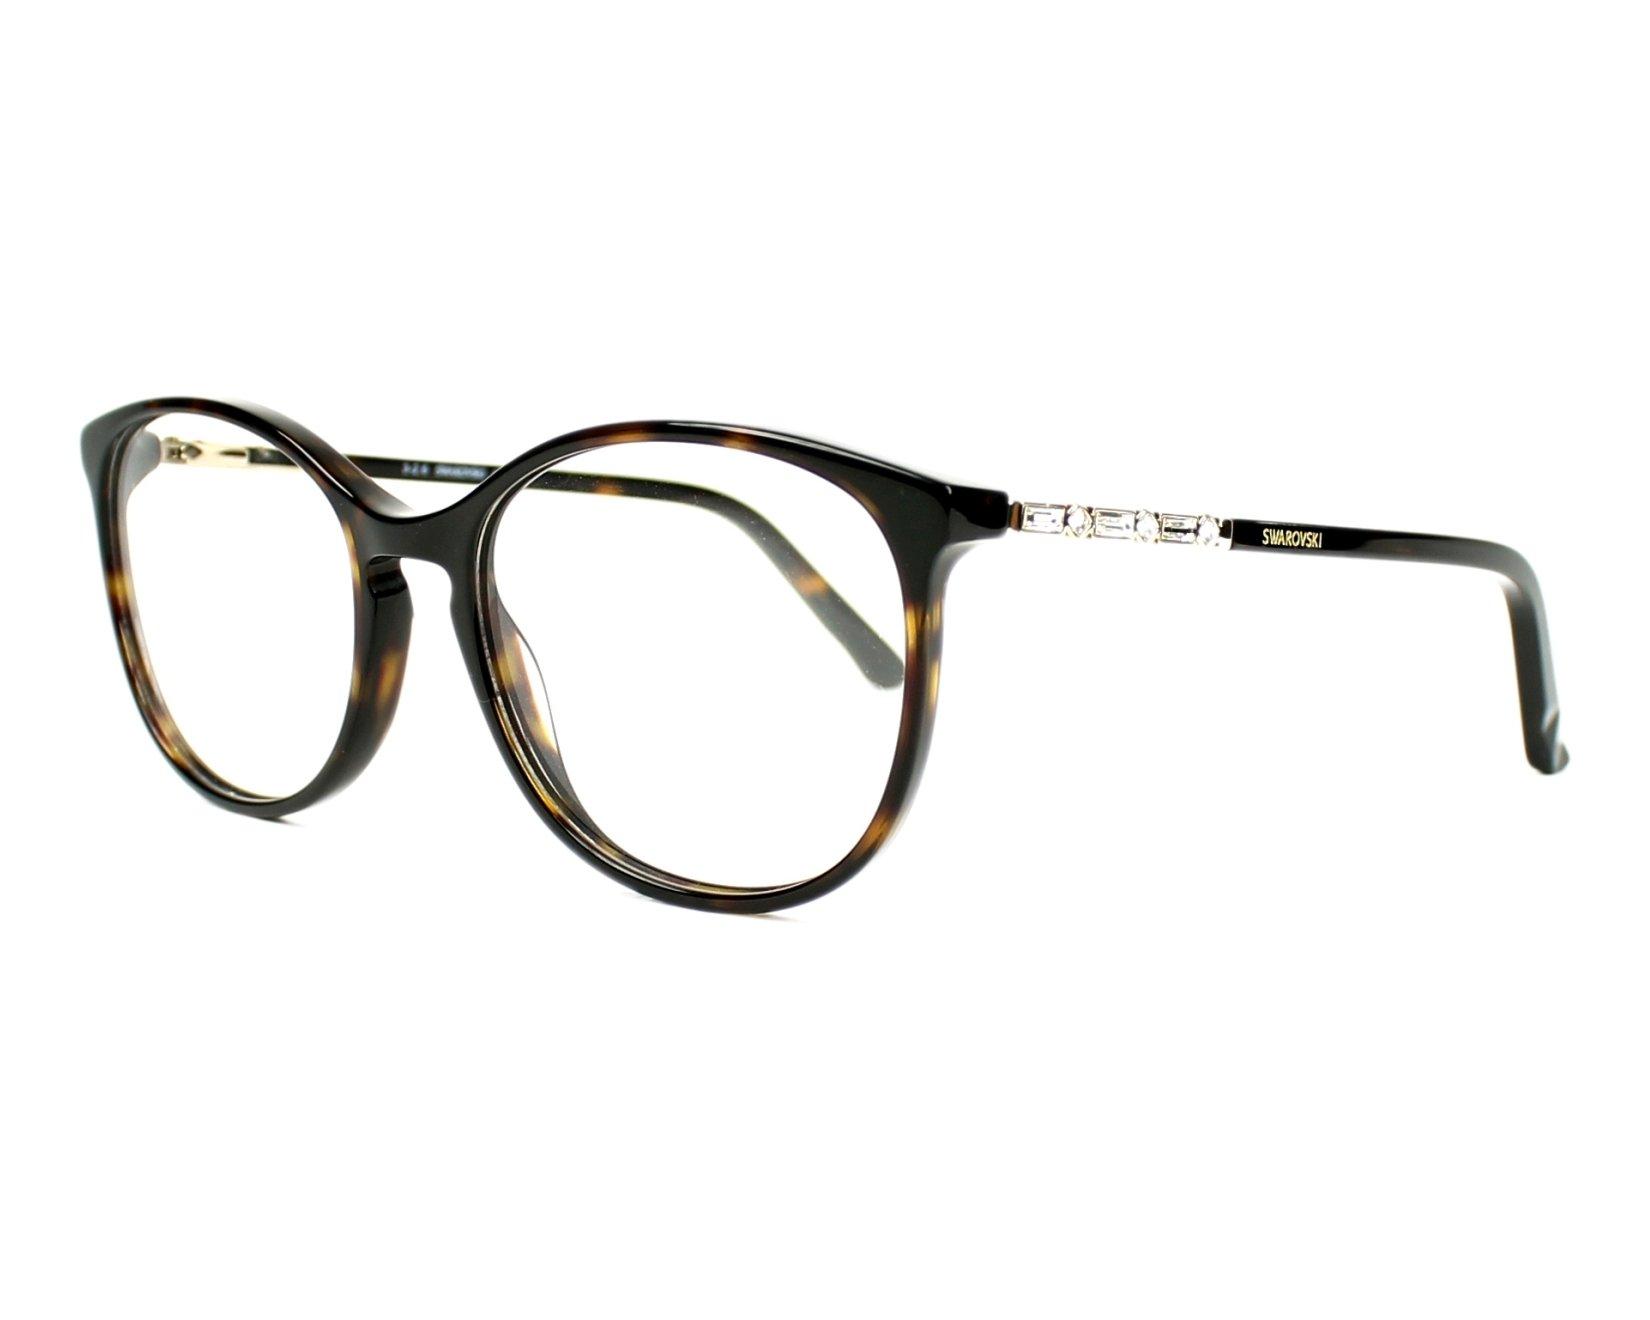 352eeeb7ea eyeglasses Swarovski SW-5163 052 52-17 Havana profile view